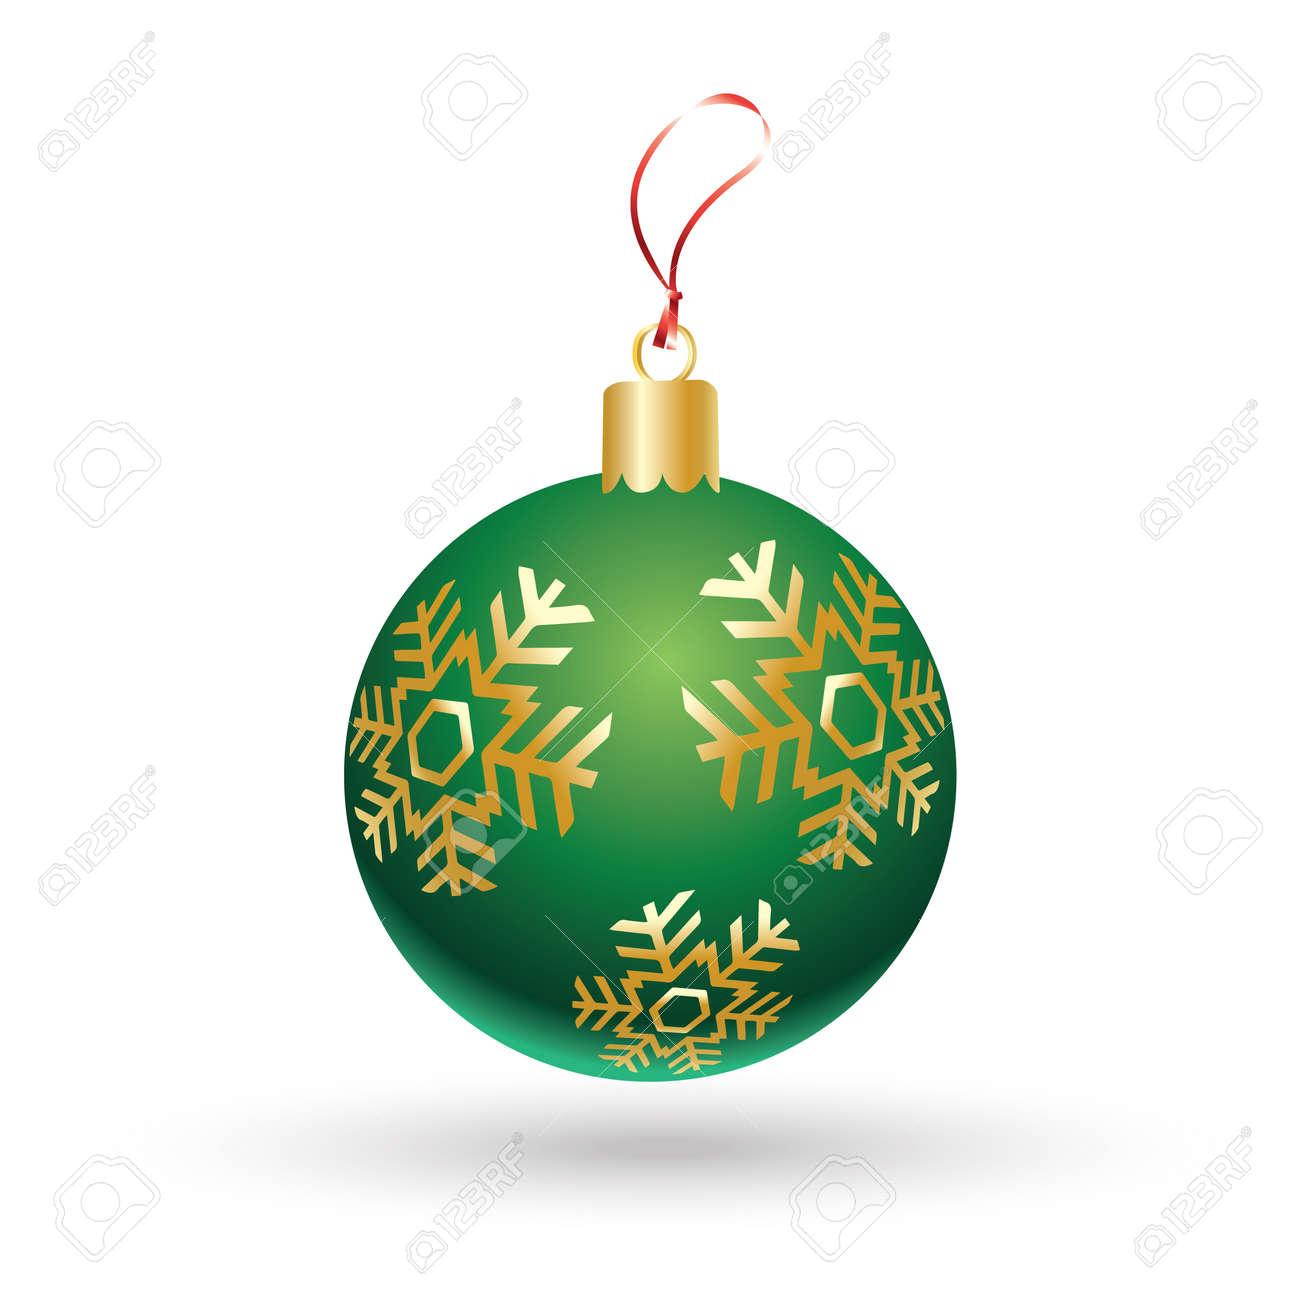 Foto Fiocchi Di Natale.Palla Di Natale Sfera Verde Di Natale Con I Fiocchi Di Neve Dell Oro Isolati Su Priorita Bassa Bianca Icona Di Vettore Per Progettazione Di